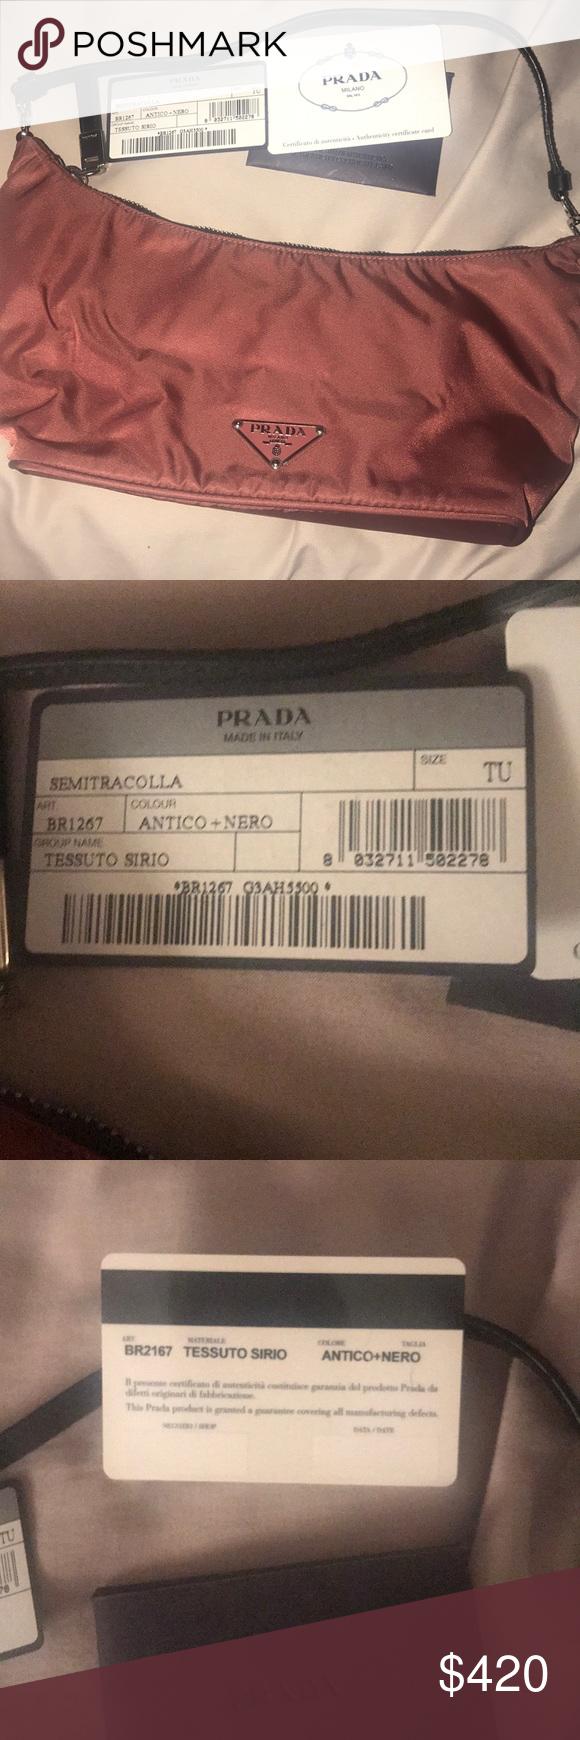 Authentic Prada Nylon mini bag BR1267 Semitracolla 100% authentic Prada bag  Smoke free pet free a411d7288835f